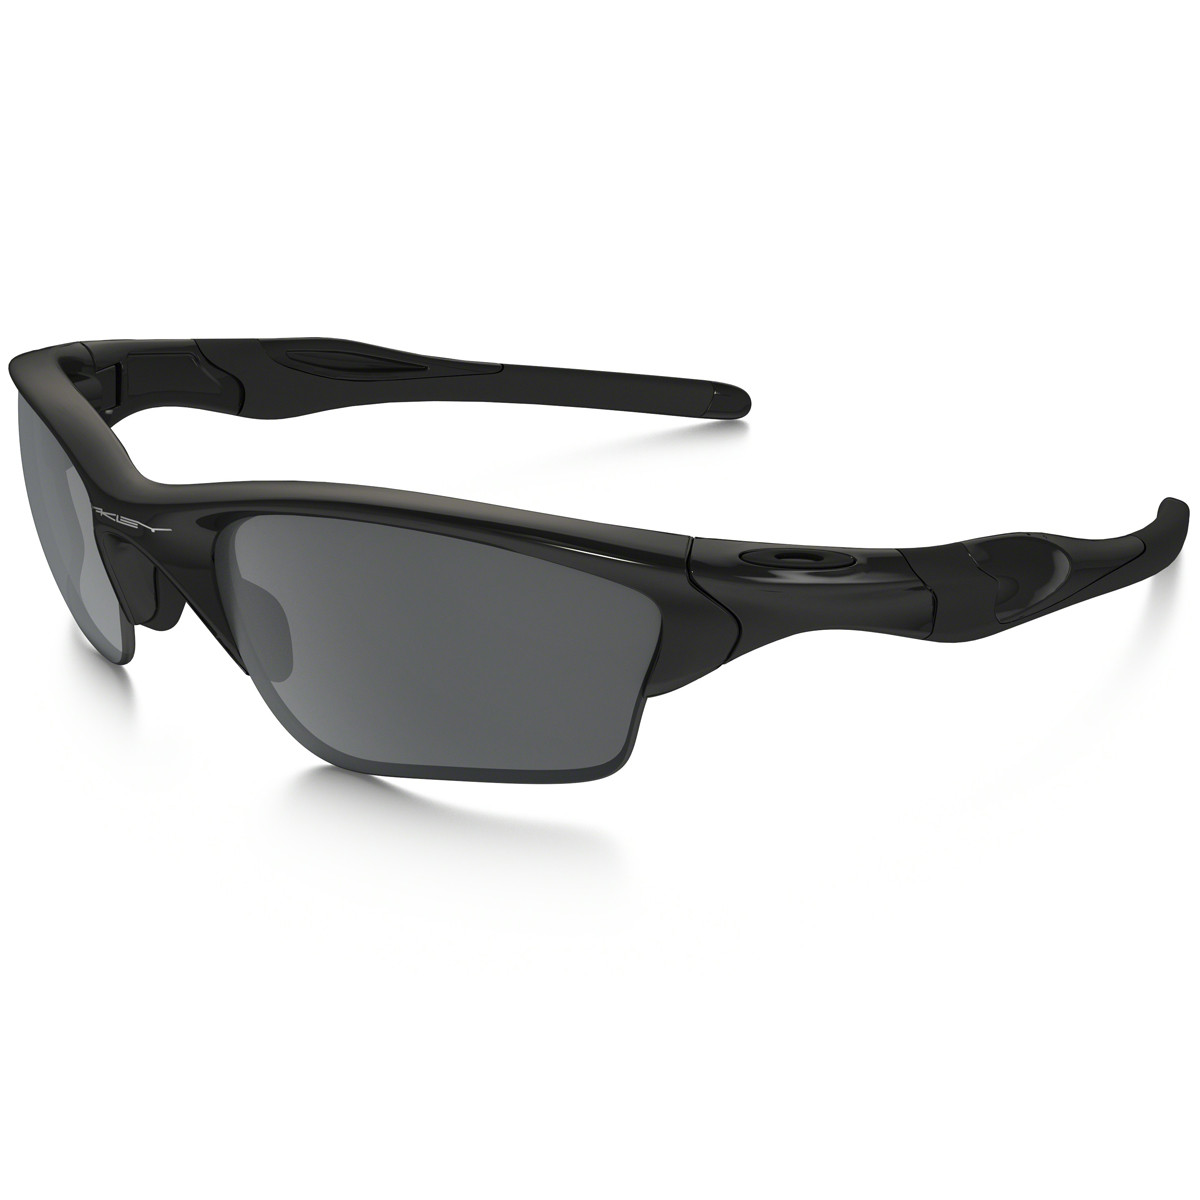 0f966a8e57a6e Óculos Oakley Half Jacket 2.0 Polished Black W  Black Iridium LANÇAMENTO